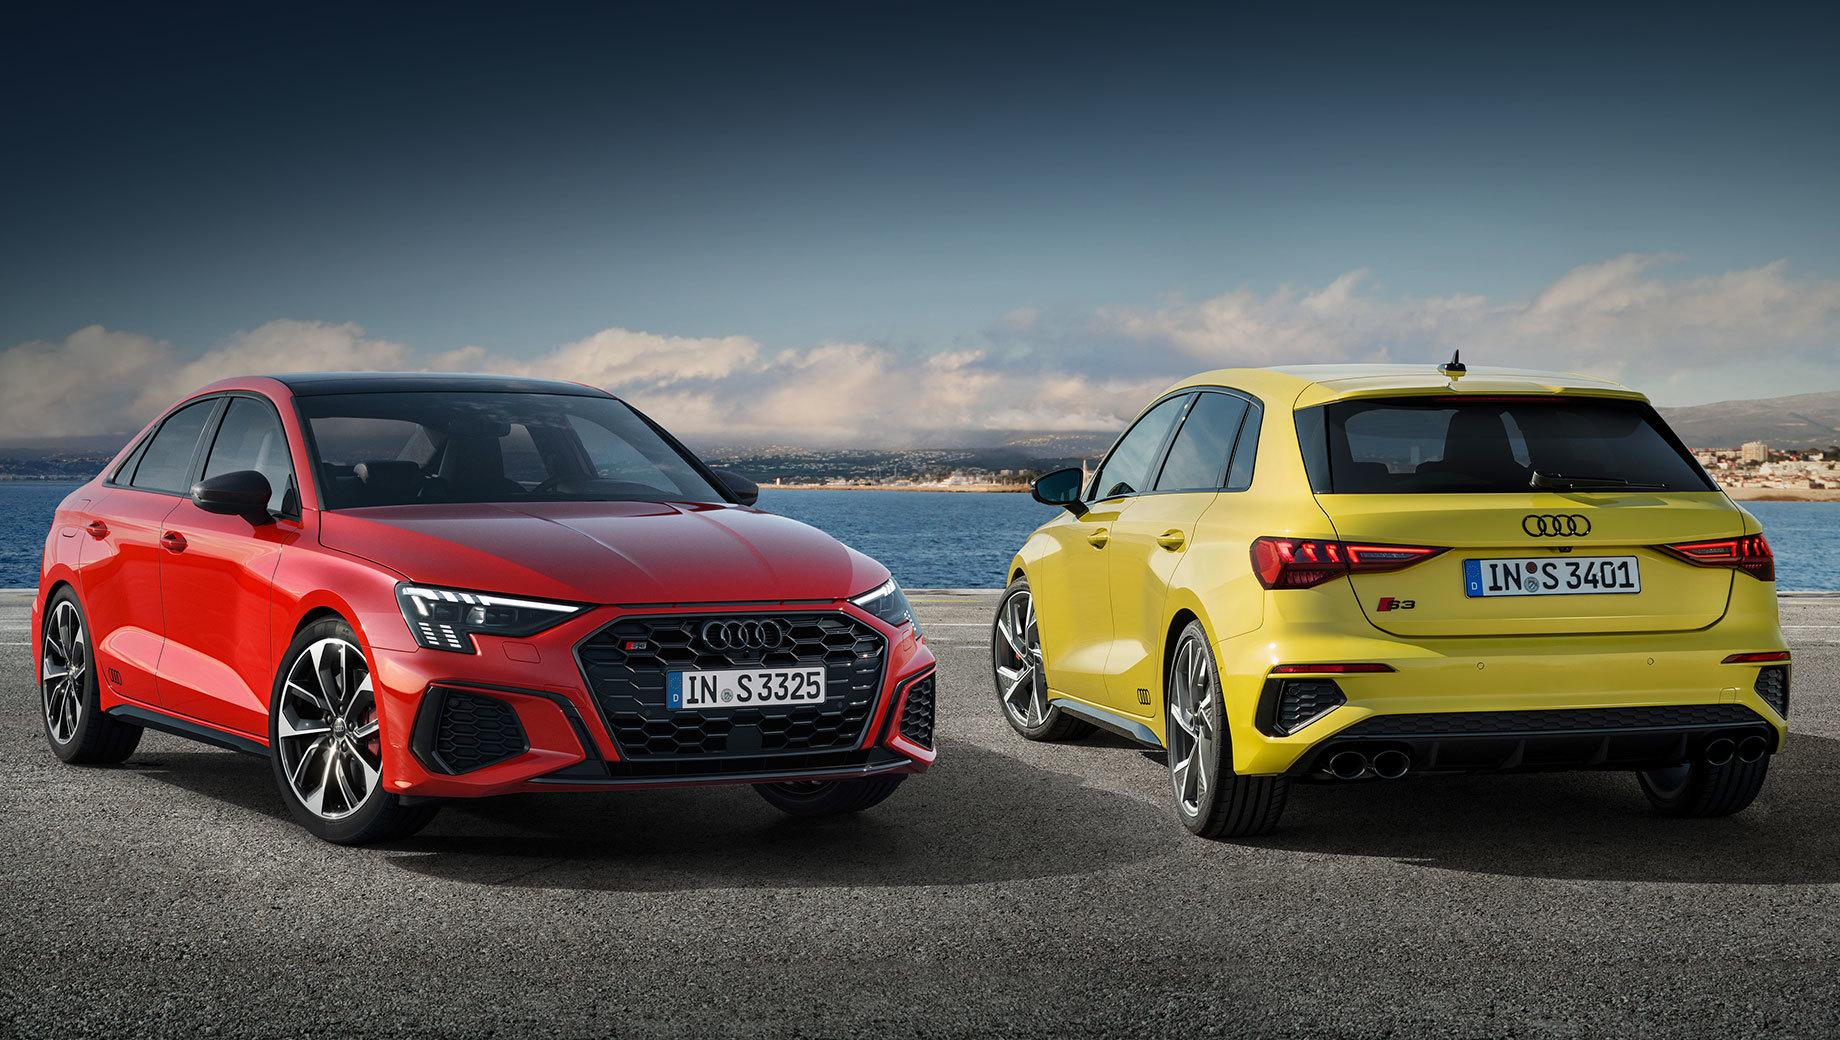 Audi s3,Audi rs3 sedan,Audi s3 sportback. Новые «эски» (слева показан седан) внешне отличаются от обычной Audi A3 большими воздухозаборниками в переднем бампере, решёткой «в ромбик», чёрными корпусами наружных зеркал, задним диффузором, четырьмя округлыми патрубками и другими нюансами декора.